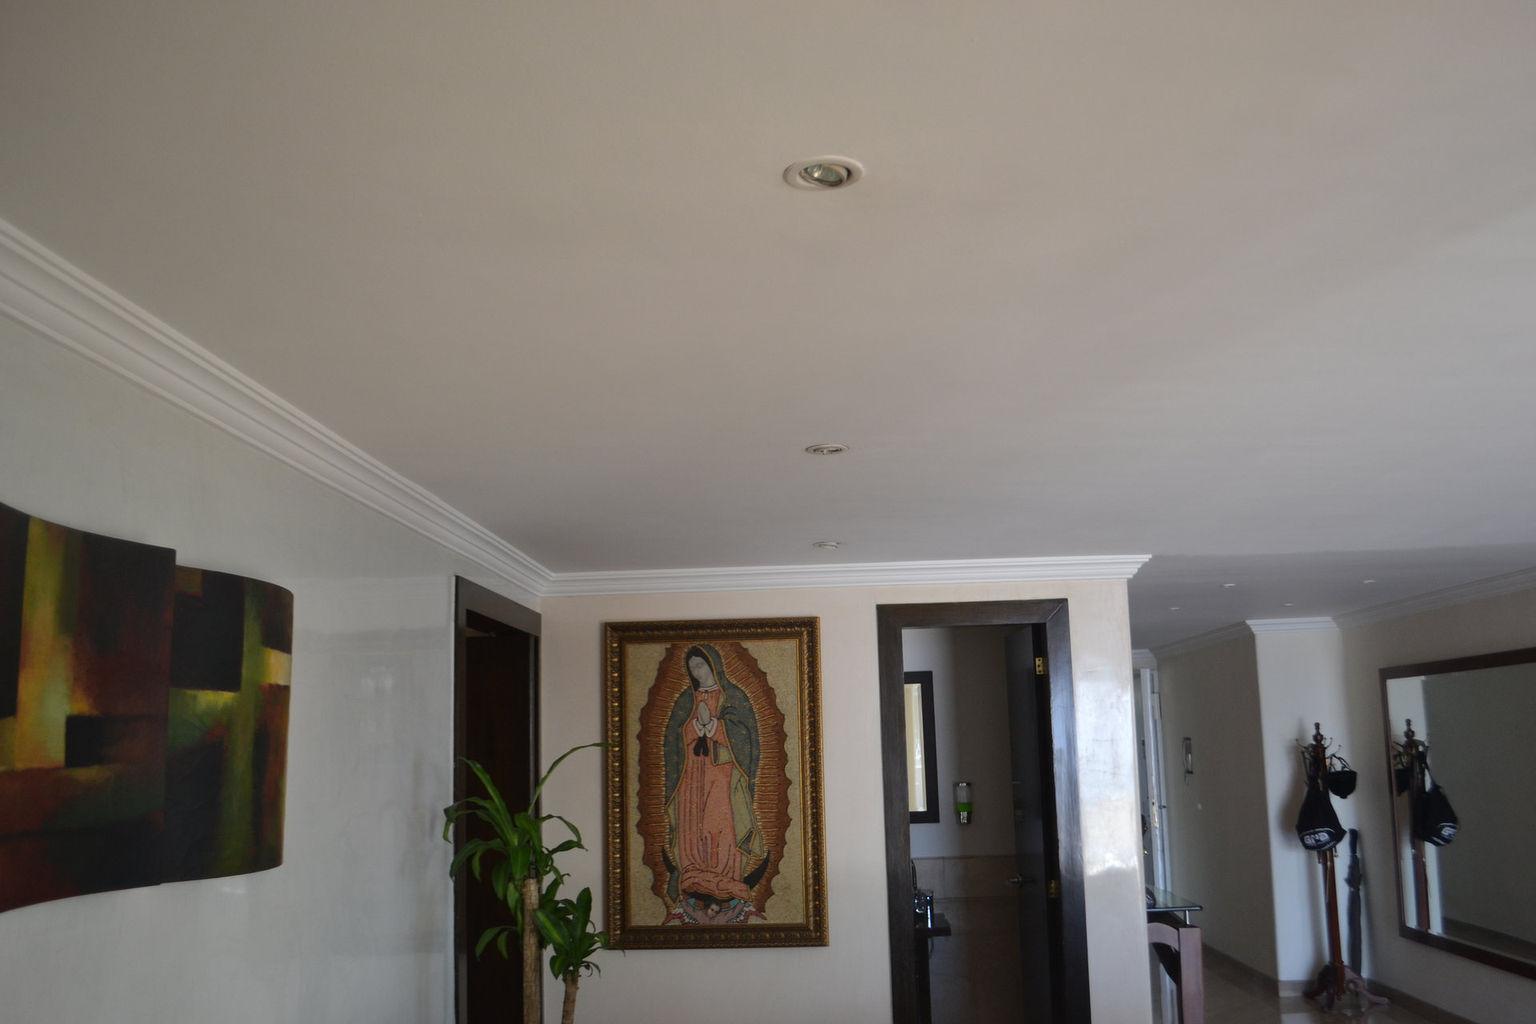 Acabados en vinilo a techos, instalación de moldura en yeso y acabados a muros en estuco veneciano